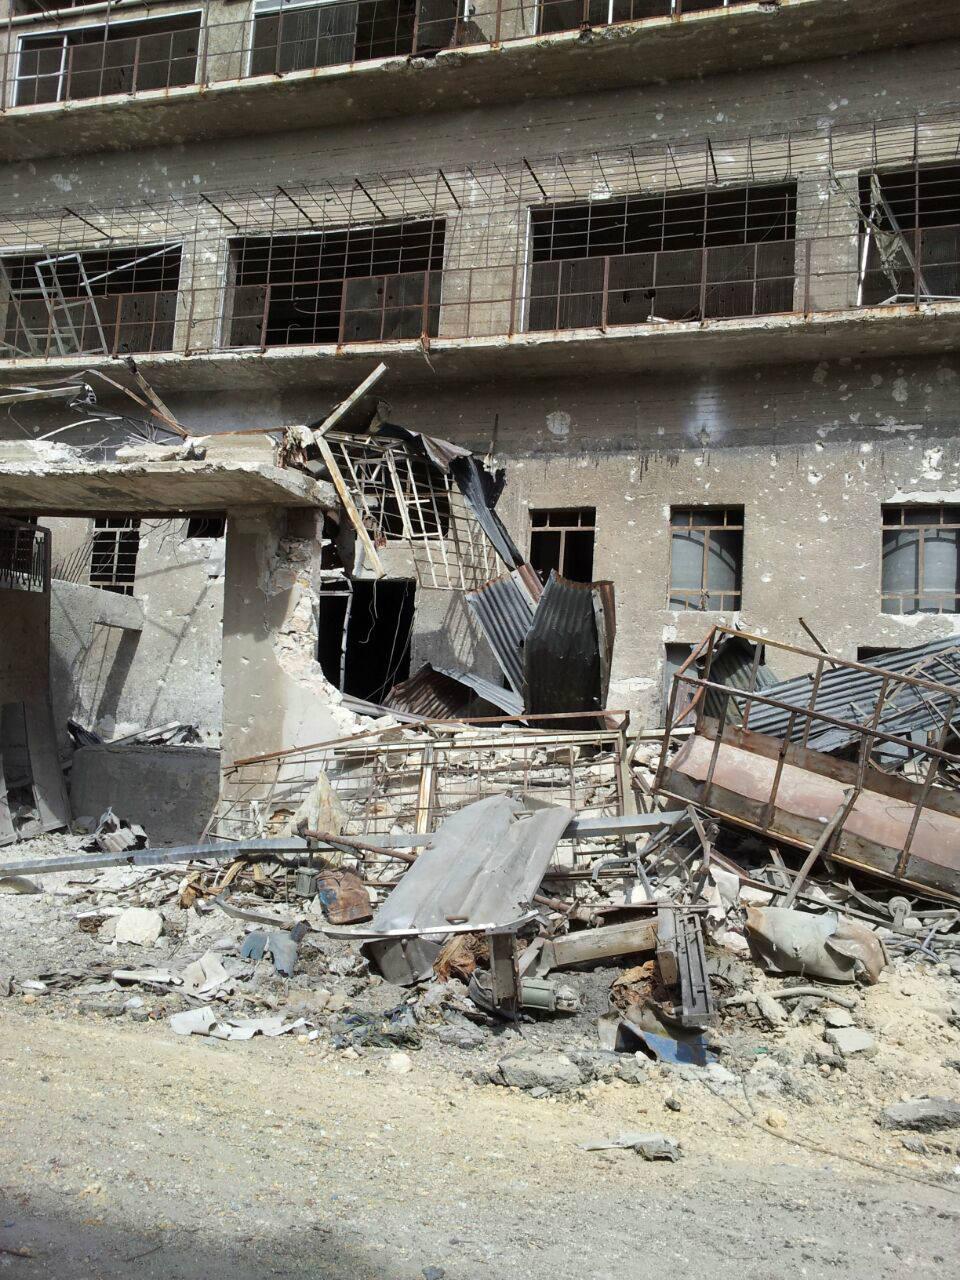 艾曼在阿勒颇的工厂被炸成废墟_meitu_5